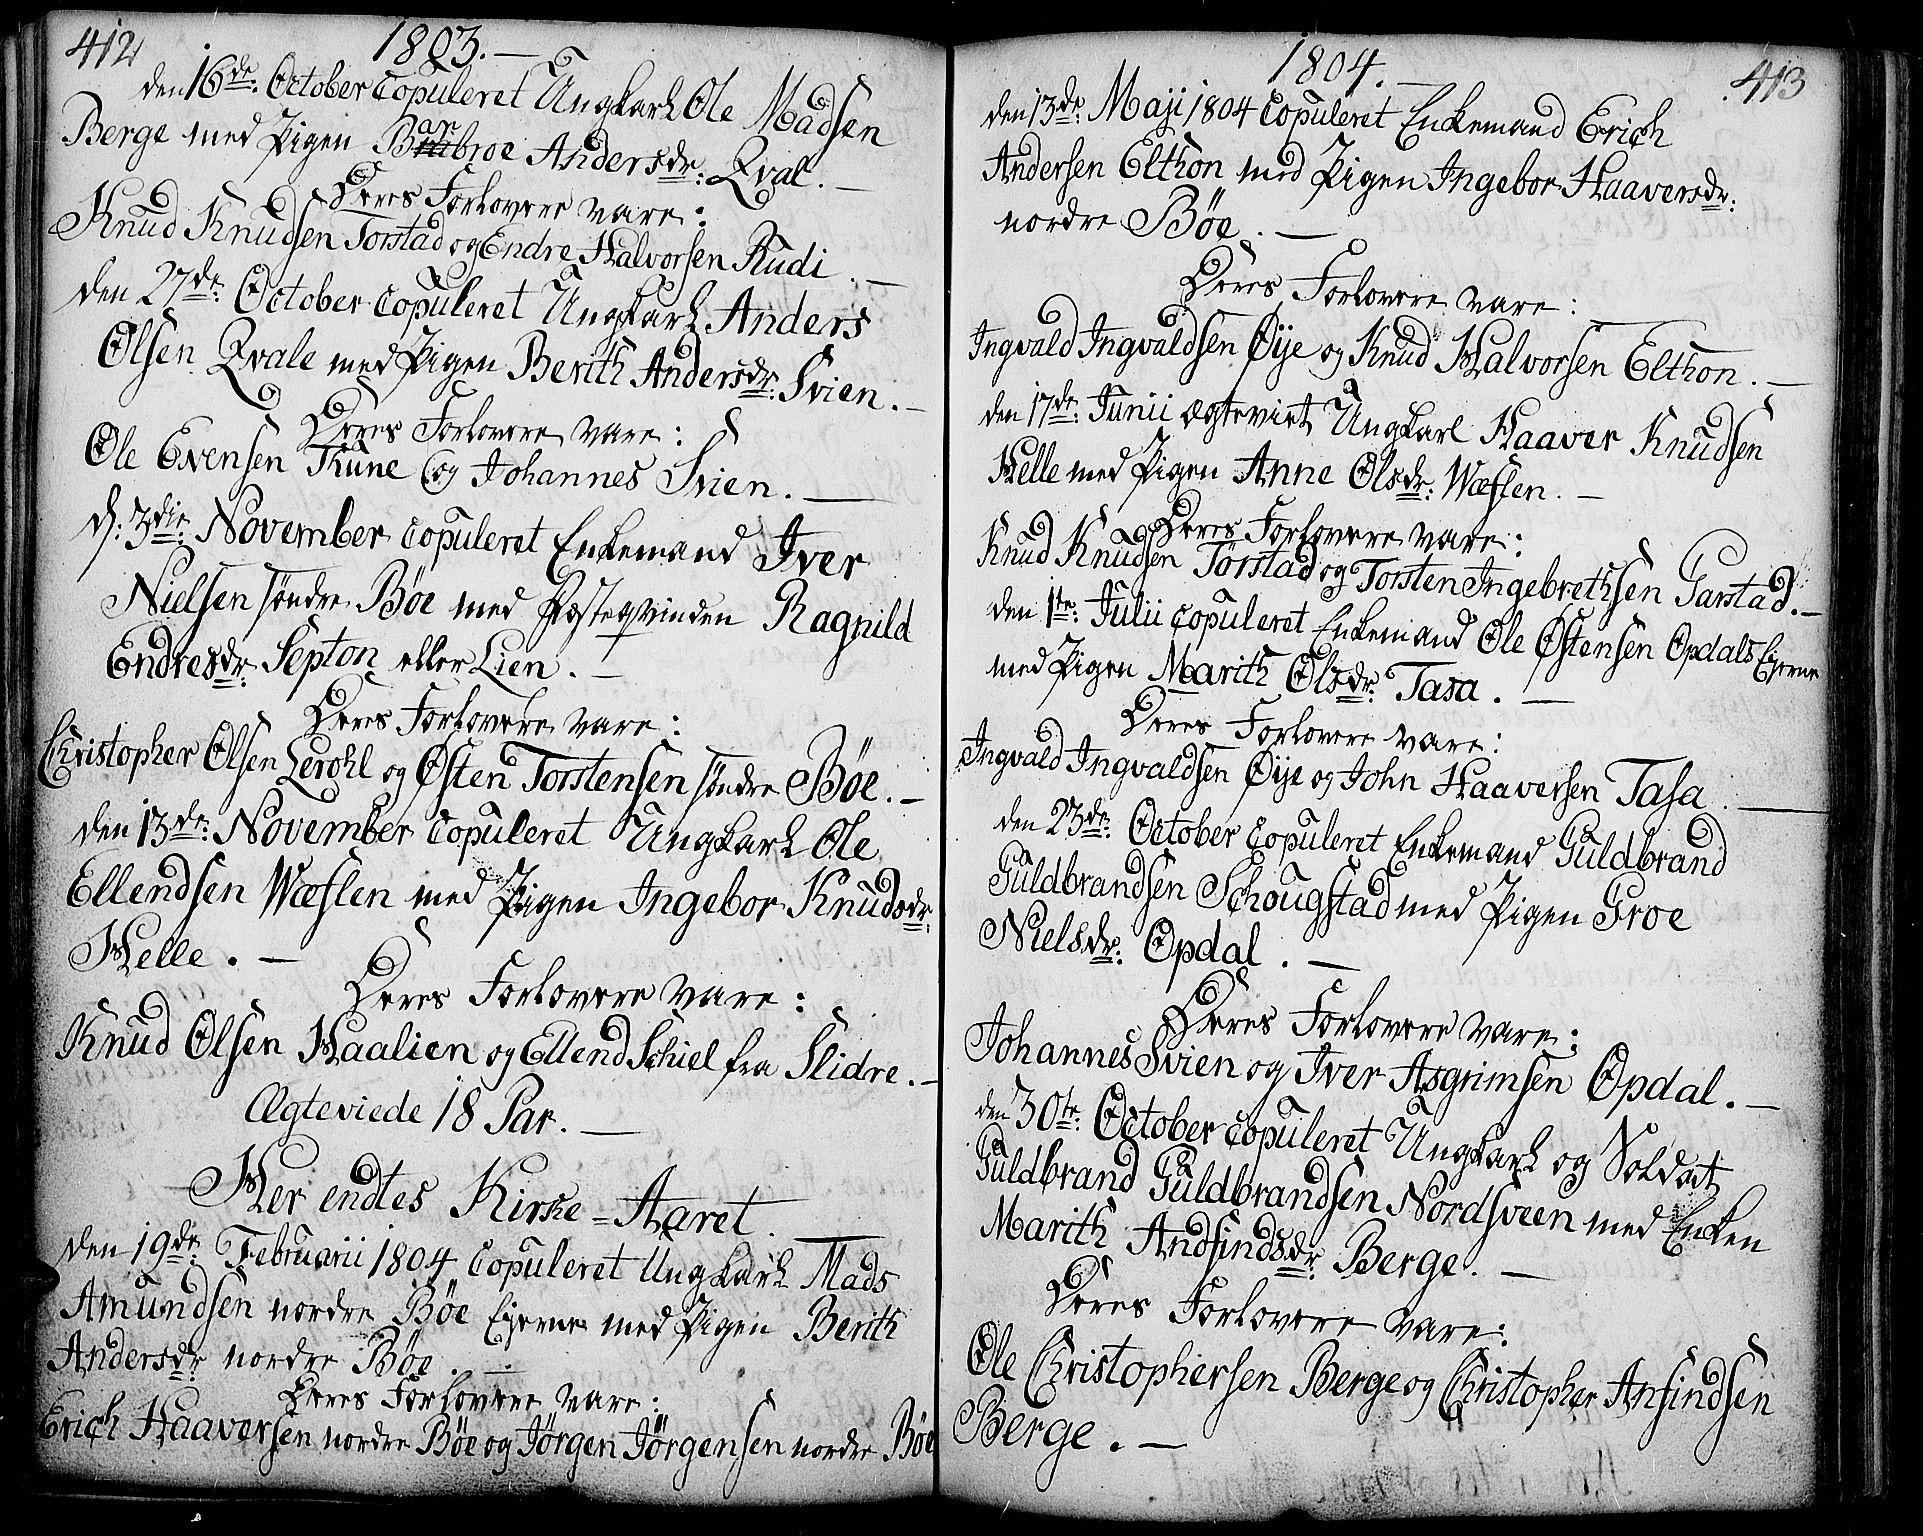 SAH, Vang prestekontor, Valdres, Ministerialbok nr. 2, 1796-1808, s. 412-413